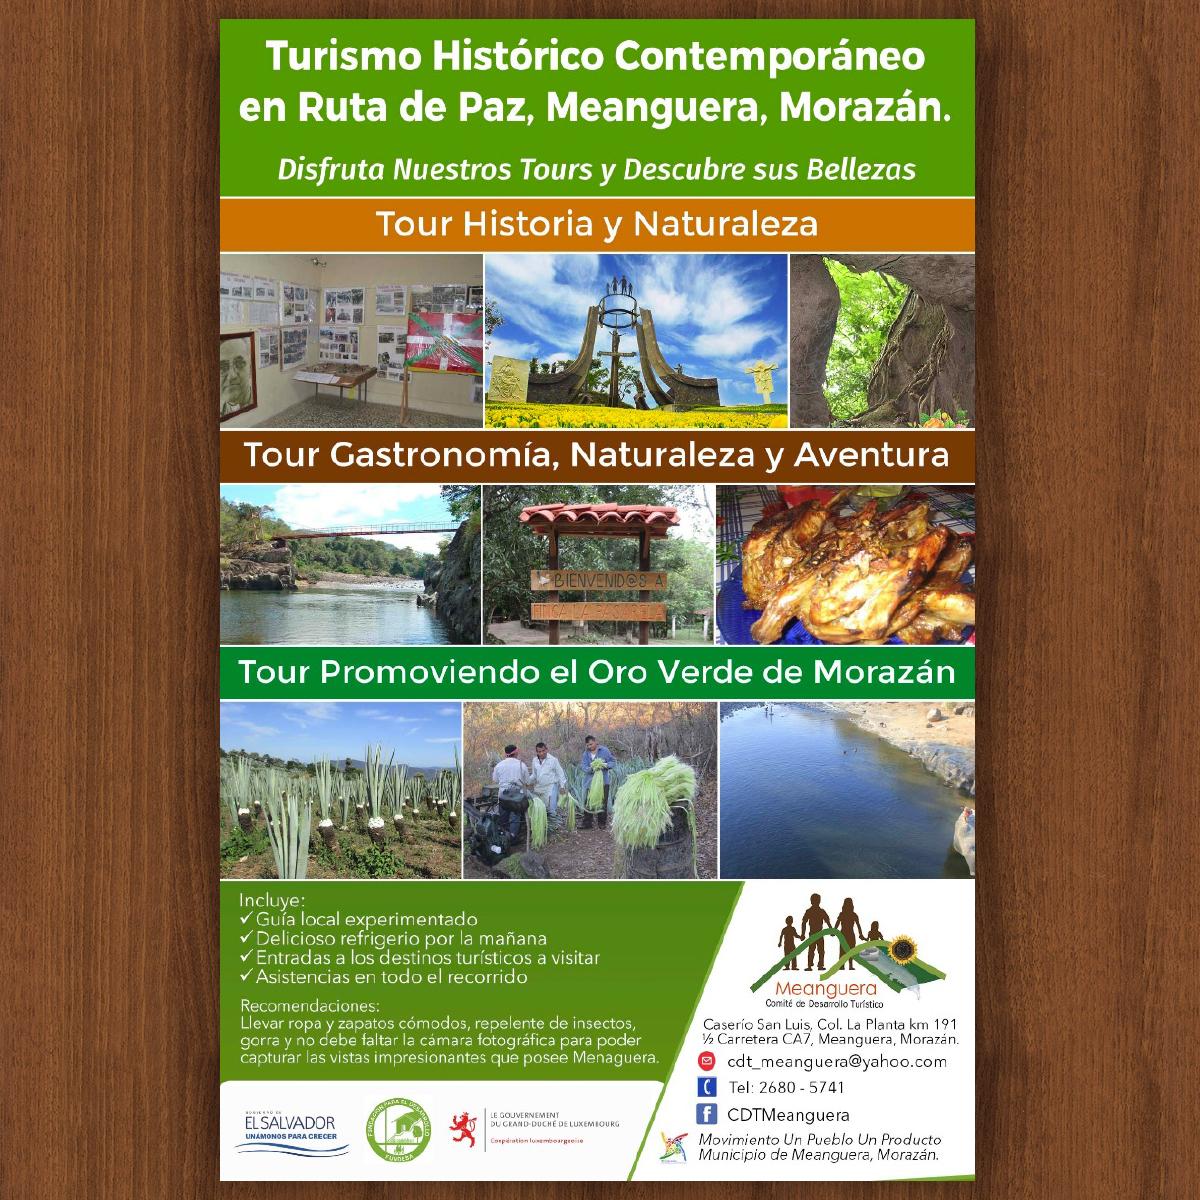 TURISMO HISTÓRICO CONTEMPORÁNEO EN RUTA DE PAZ, MEANGUERA, MORAZÁN